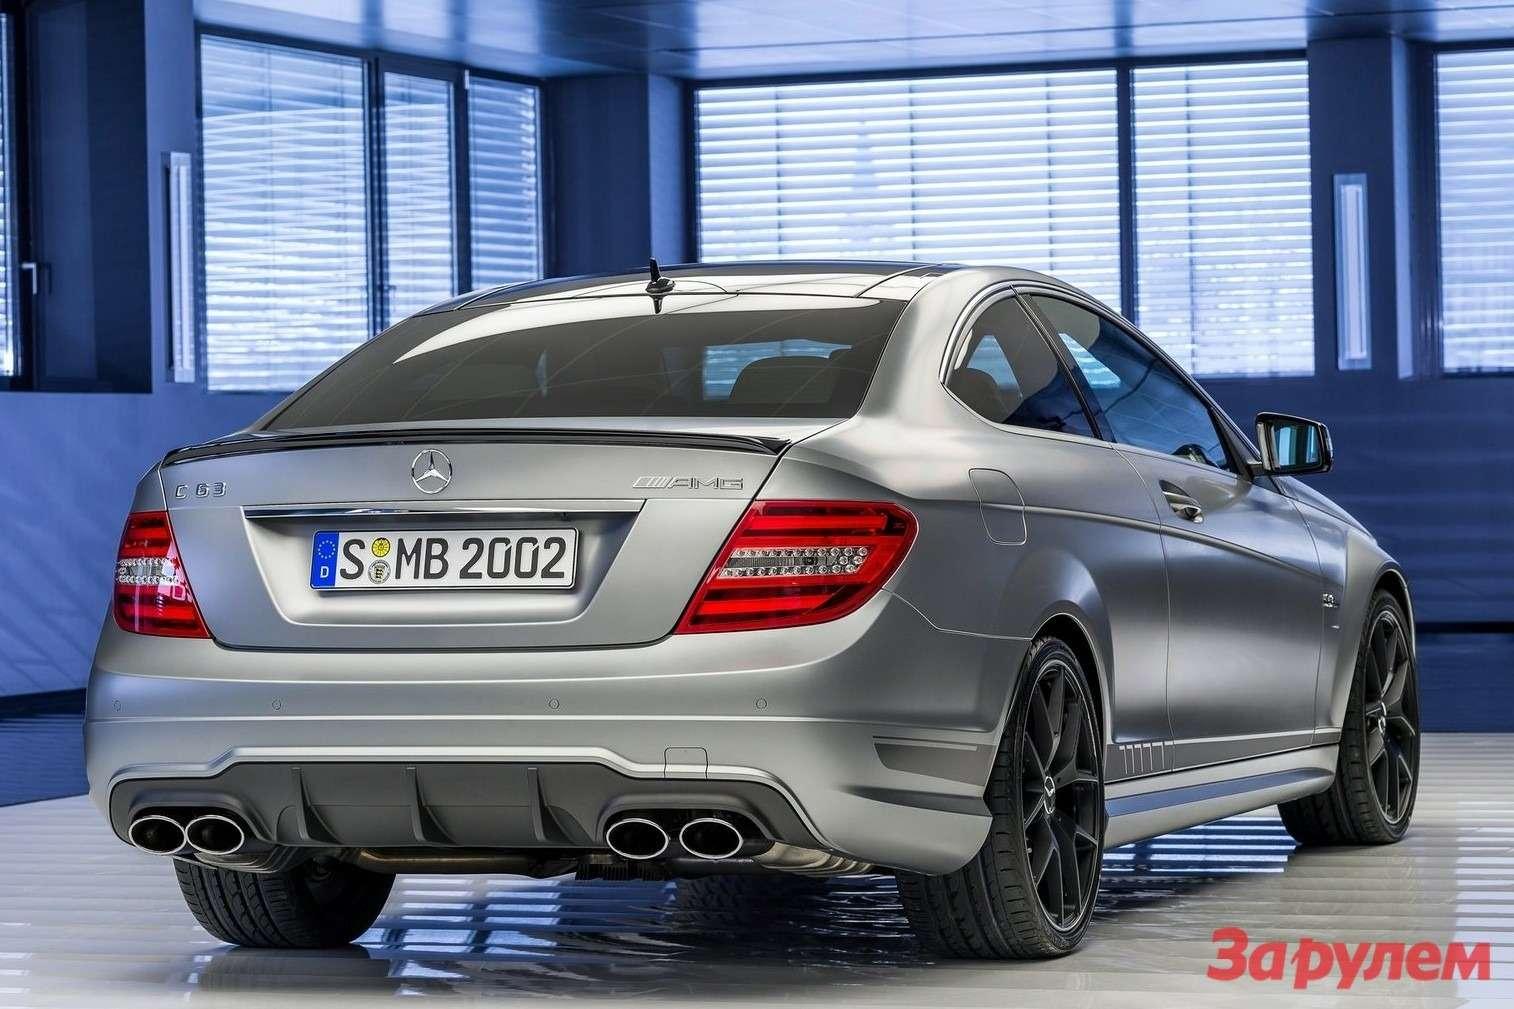 Mercedes-Benz-C63_AMG_Edition_507_2014_1600x1200_wallpaper_05